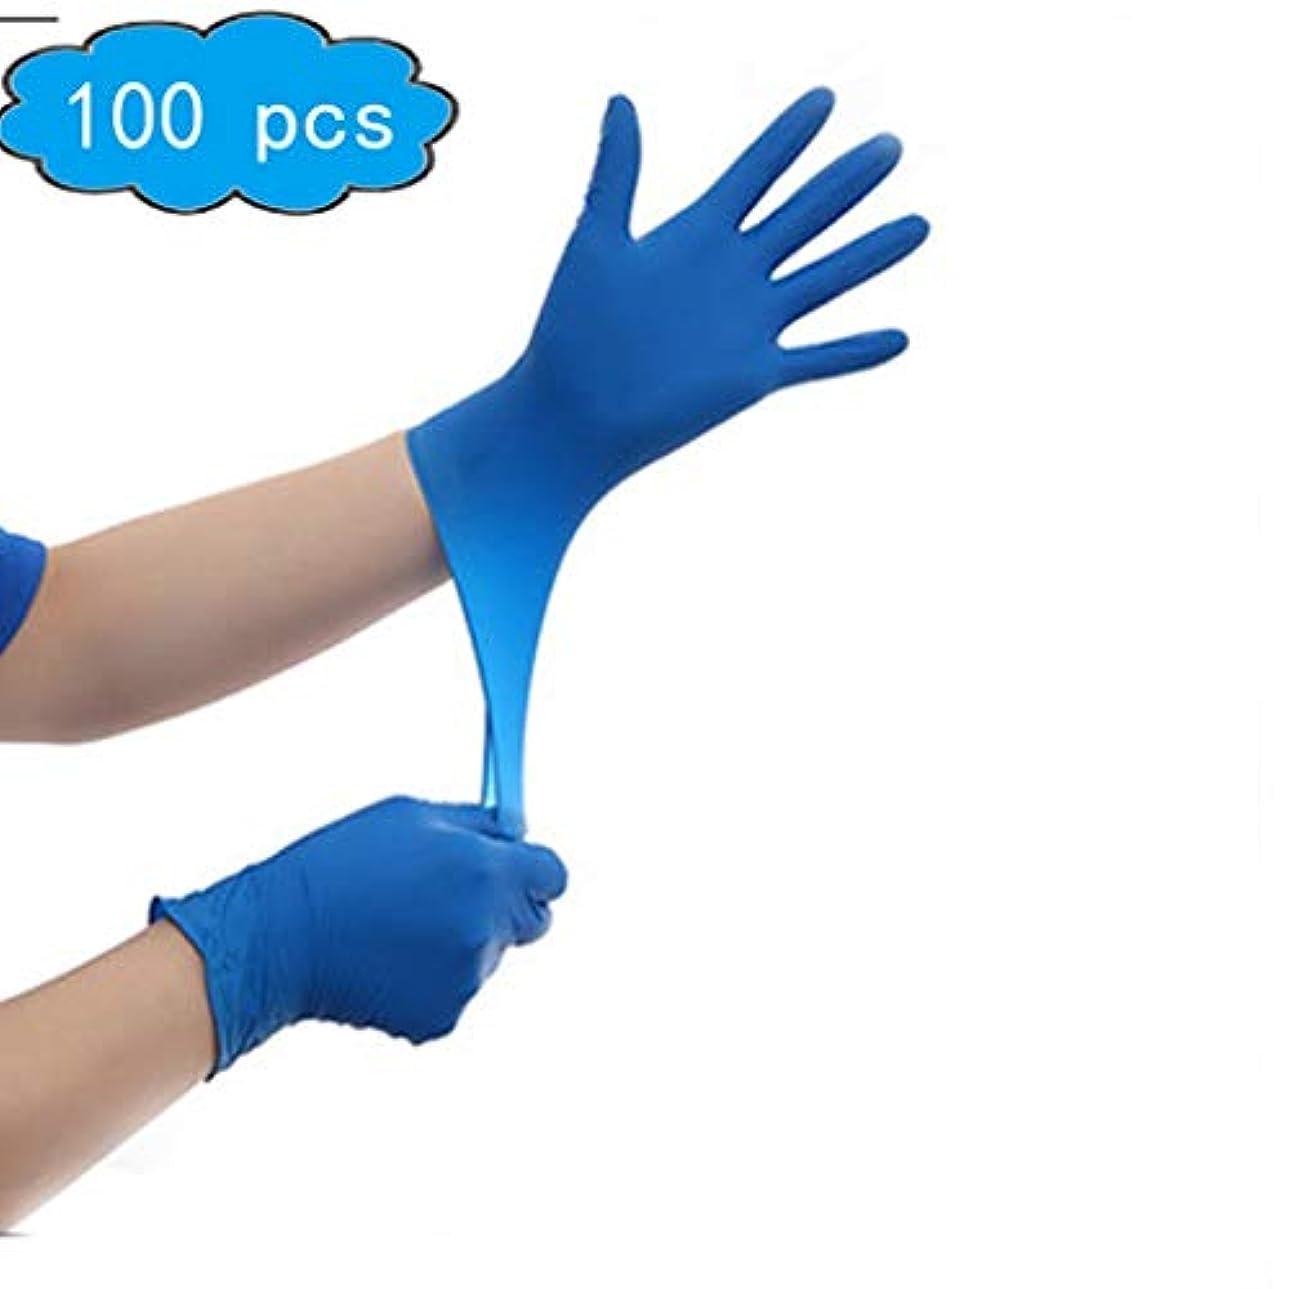 責める勇気のある料理をする使い捨て丁清手袋 - テクスチャード加工、サニタリー手袋、応急処置用品、大型、100箱入り、食品ケータリング家事使い捨て手袋 (Color : Blue, Size : XS)